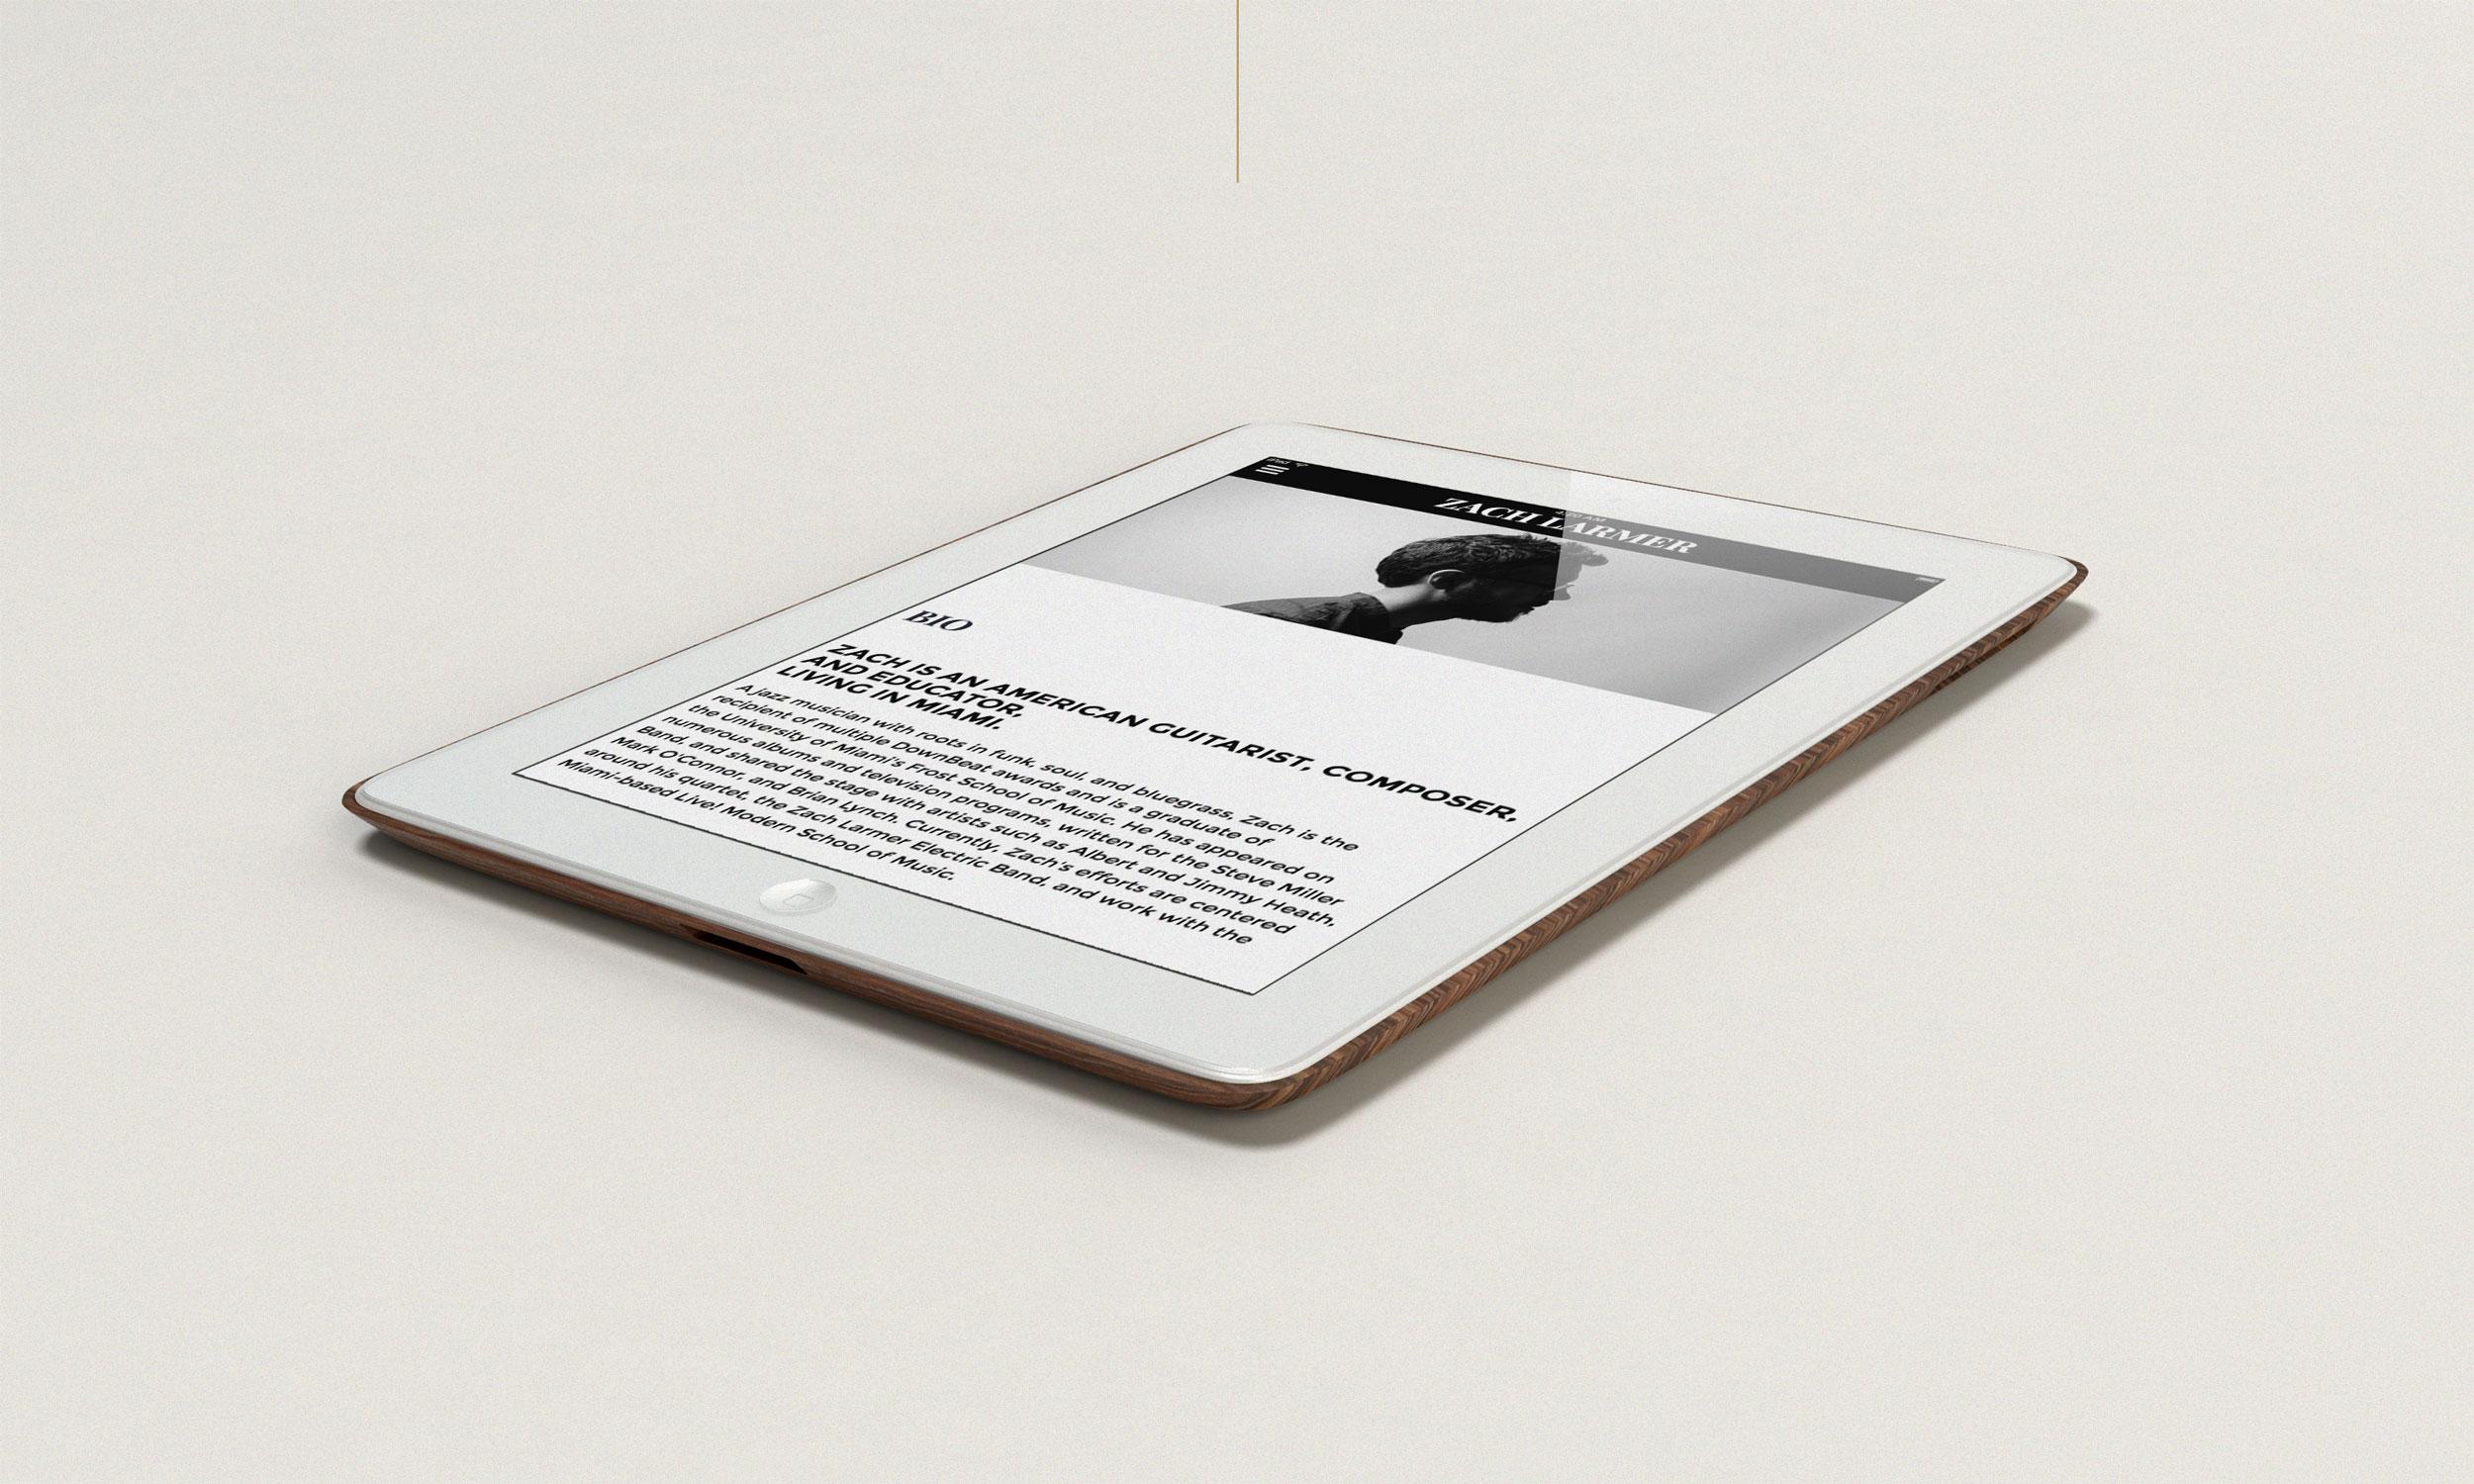 Mockup_iPadLine1.jpg